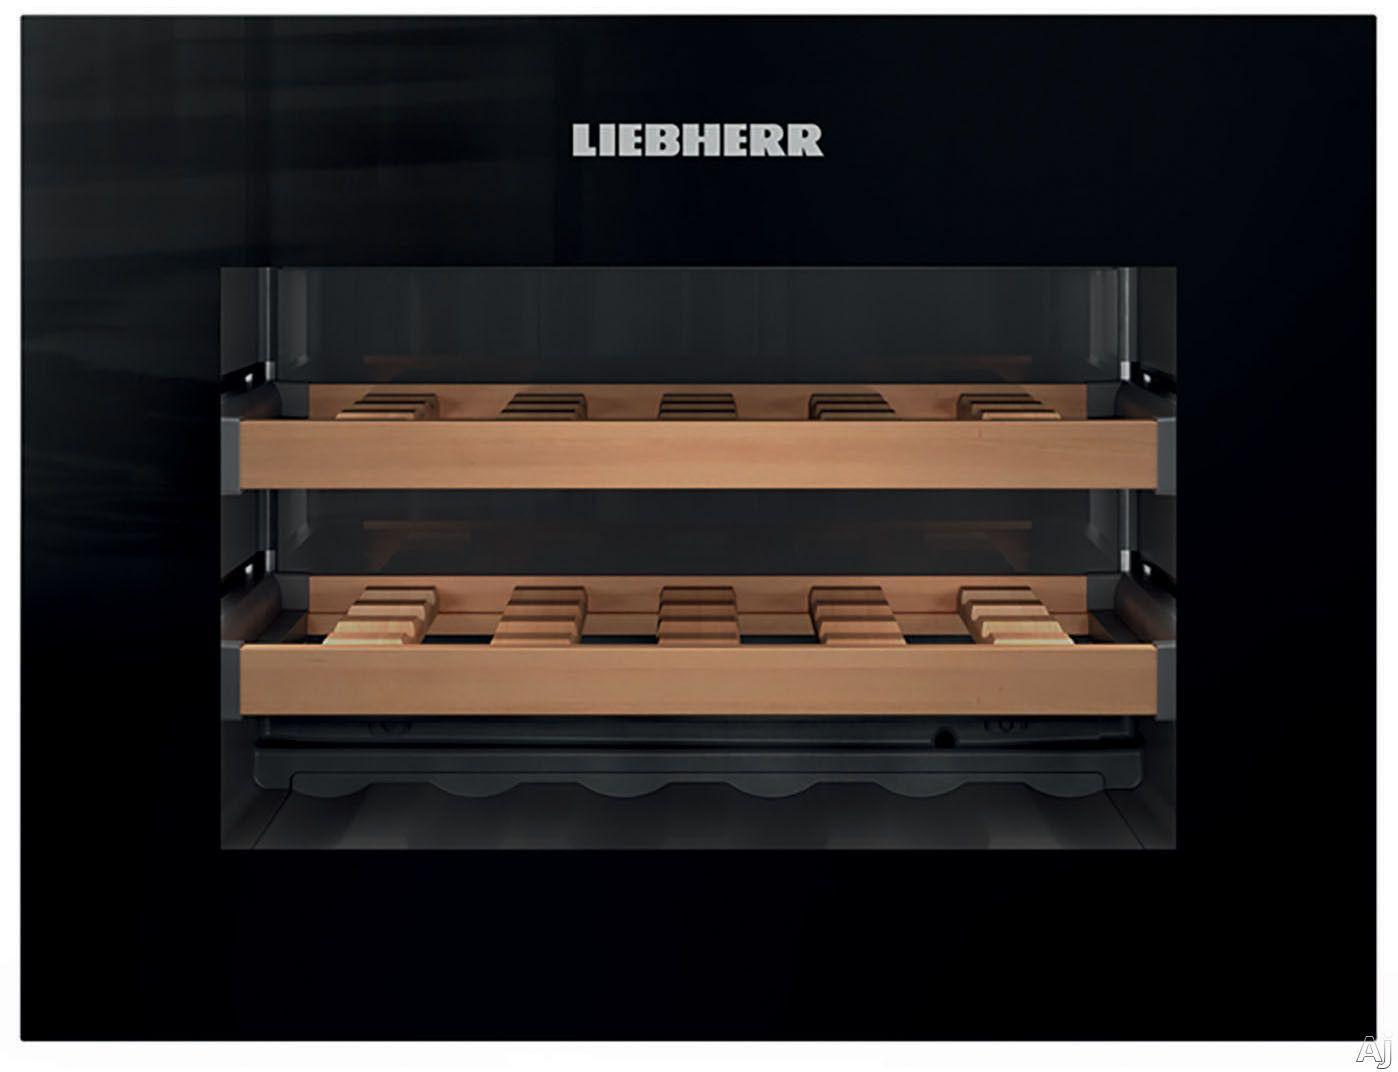 Liebherr Hwg1803 24 Inch Built In Wine Cooler With Push To Open Drop Down Door Single Zone Coolin Built In Wine Cooler Wine Shelves Built In Wine Refrigerator